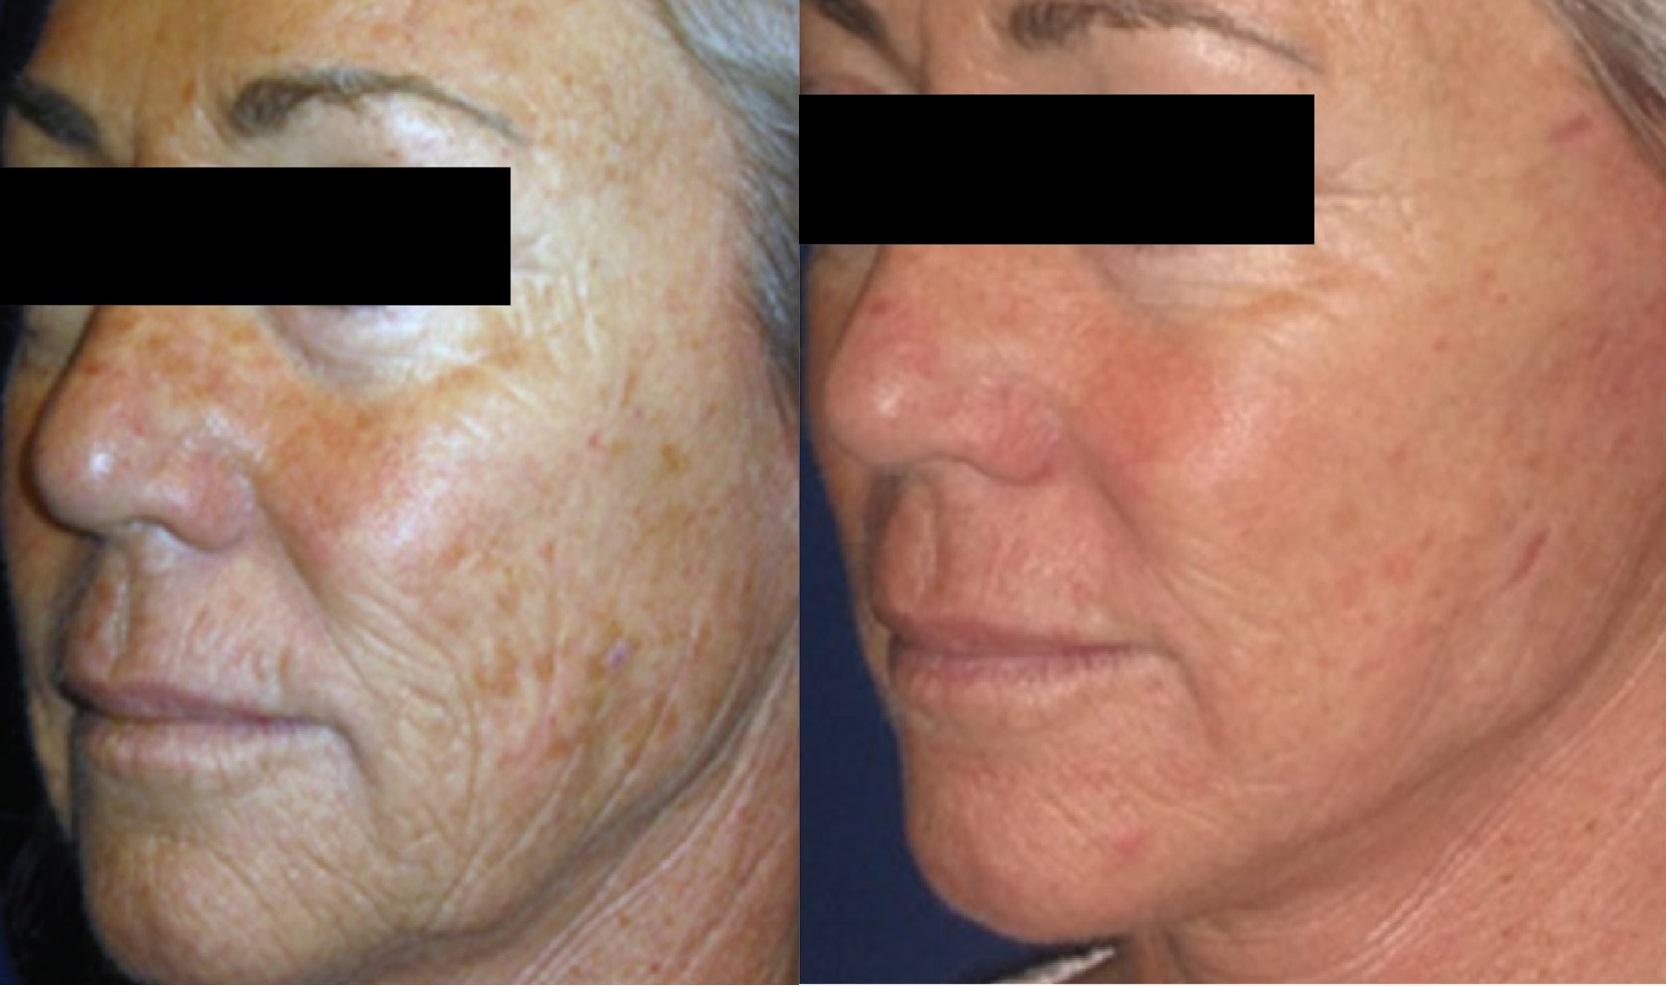 Trước và sau trị liệu xóa nhăn, sắc tố bằng laser eCO2.